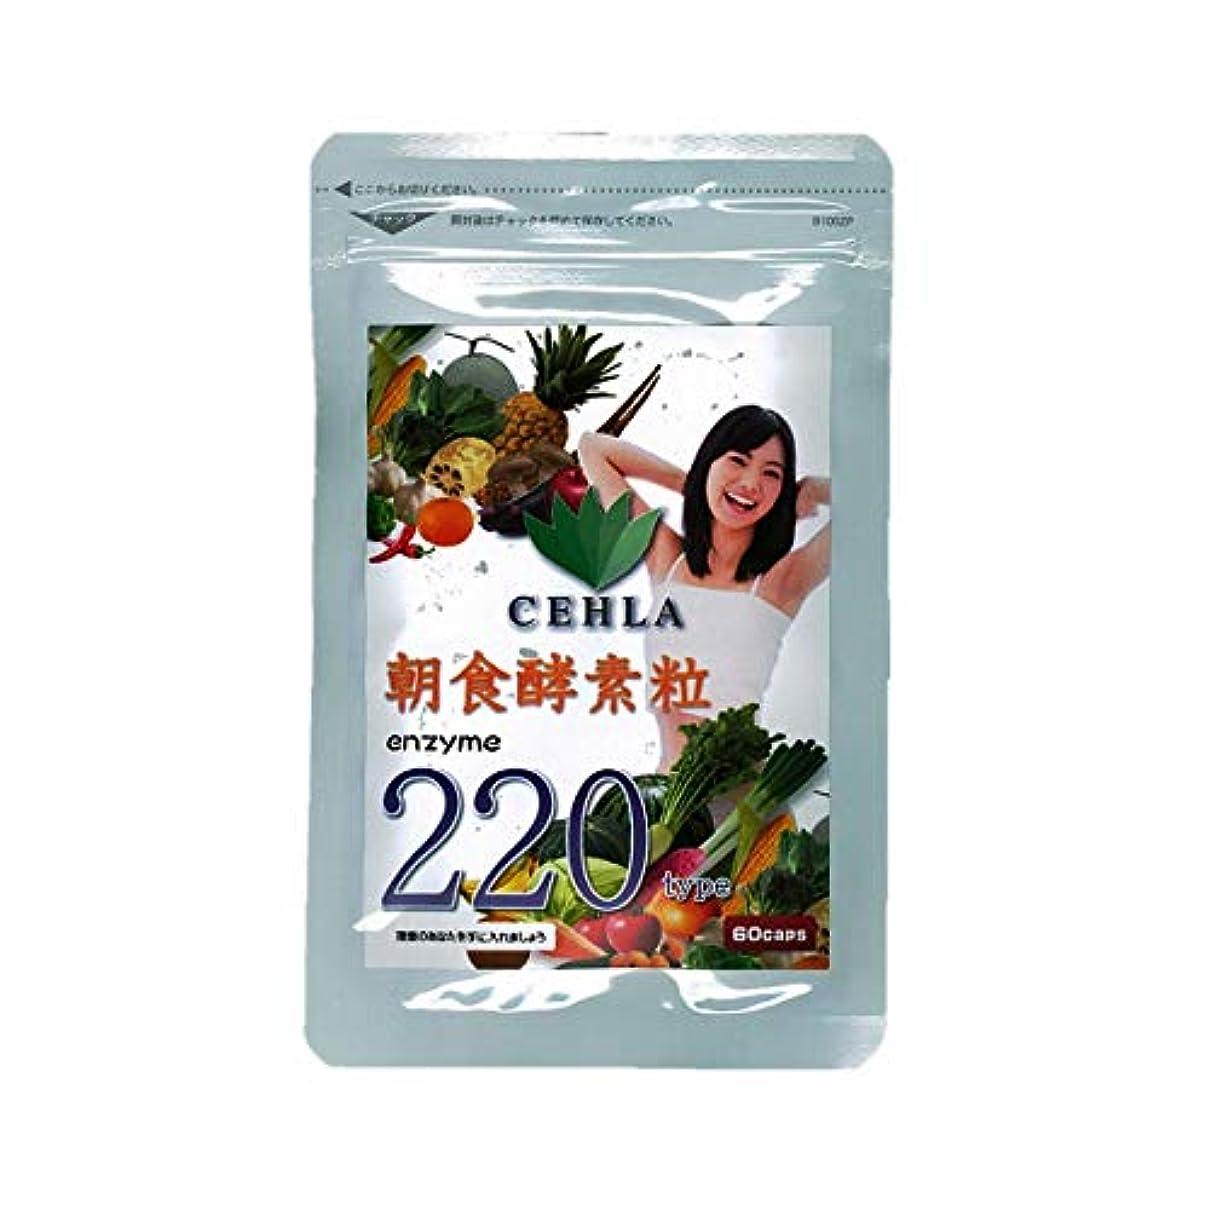 メタルラインロッド綺麗なセーラ朝食酵素粒エンザイム220種